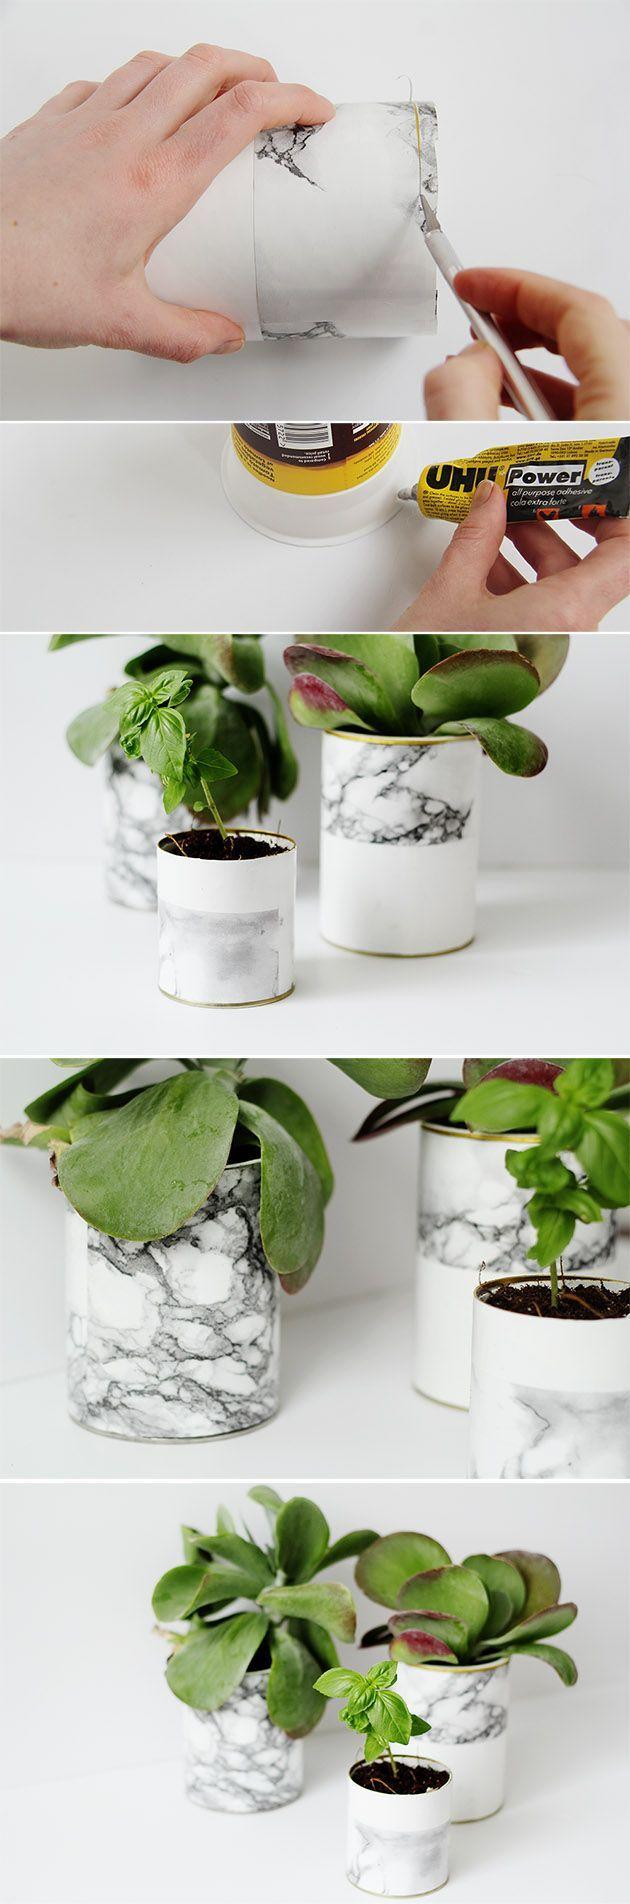 diy marble planters pinterest pflanzen badezimmer aufbewahrungssysteme und aufbewahrungssysteme. Black Bedroom Furniture Sets. Home Design Ideas